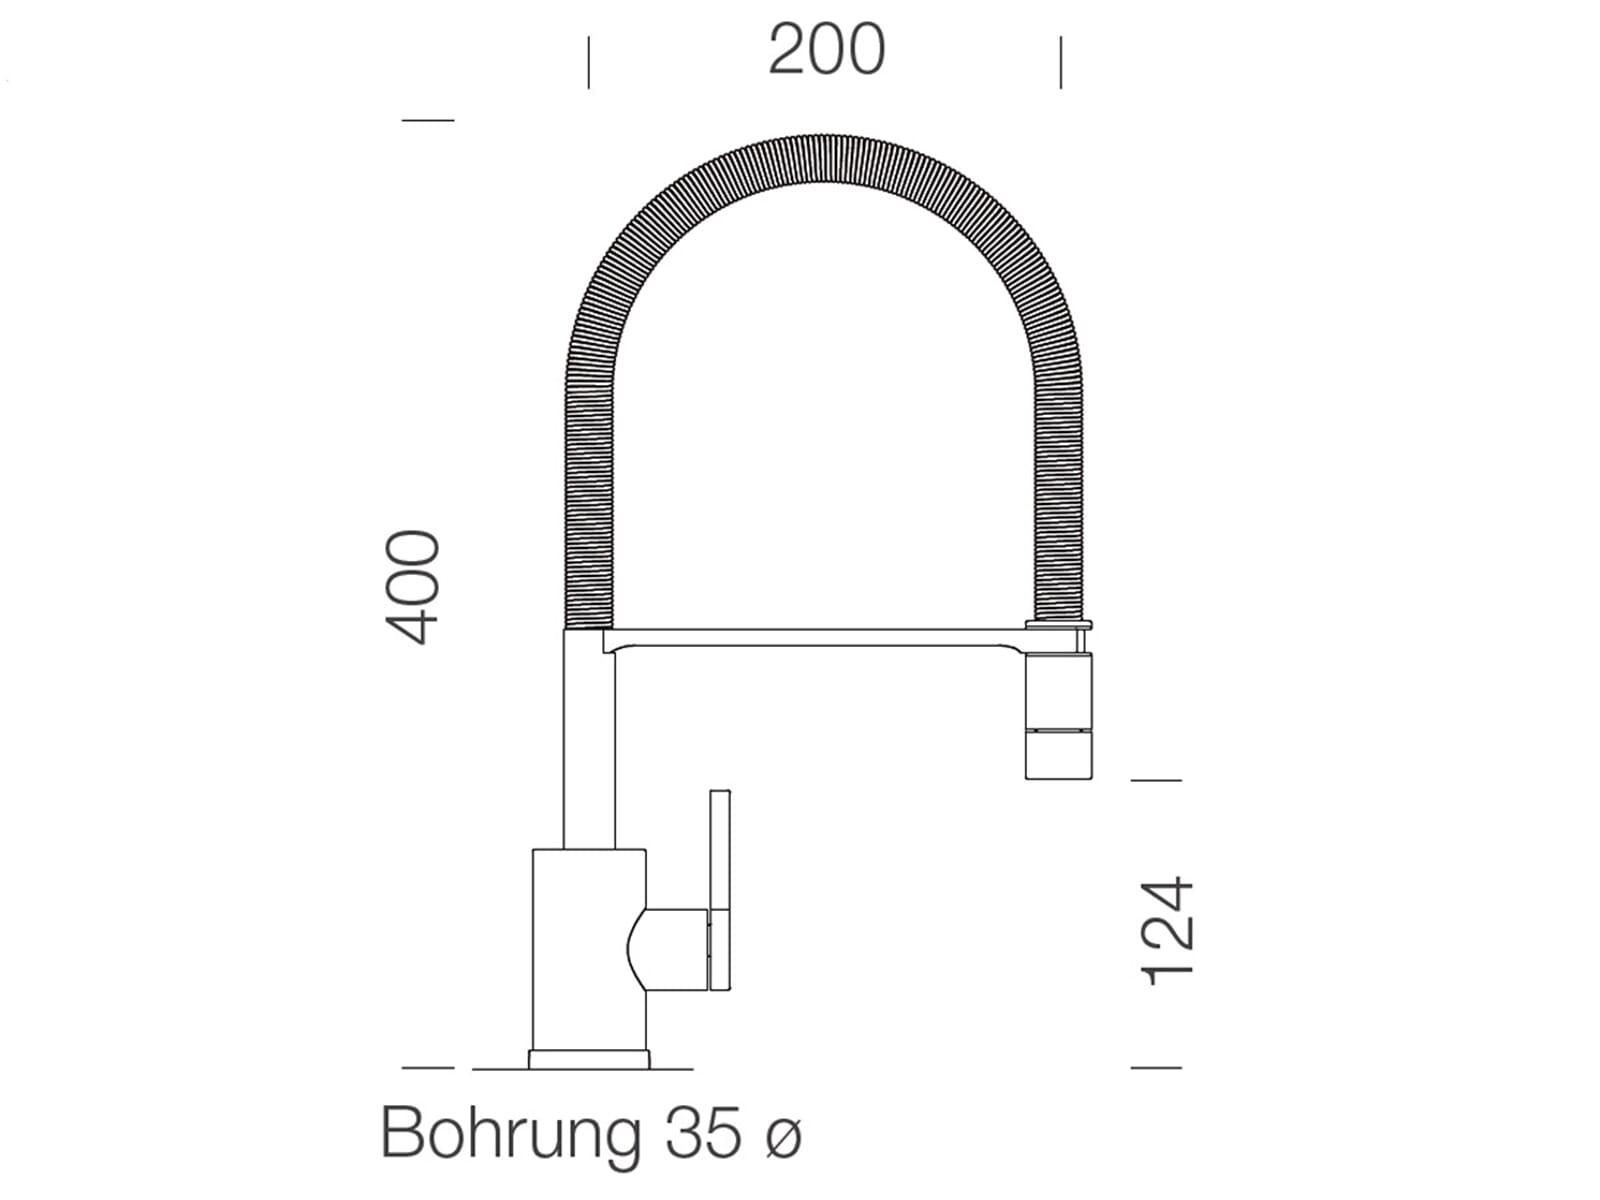 schock ideos premium chrom hochdruckarmatur 4014949309175 ebay. Black Bedroom Furniture Sets. Home Design Ideas